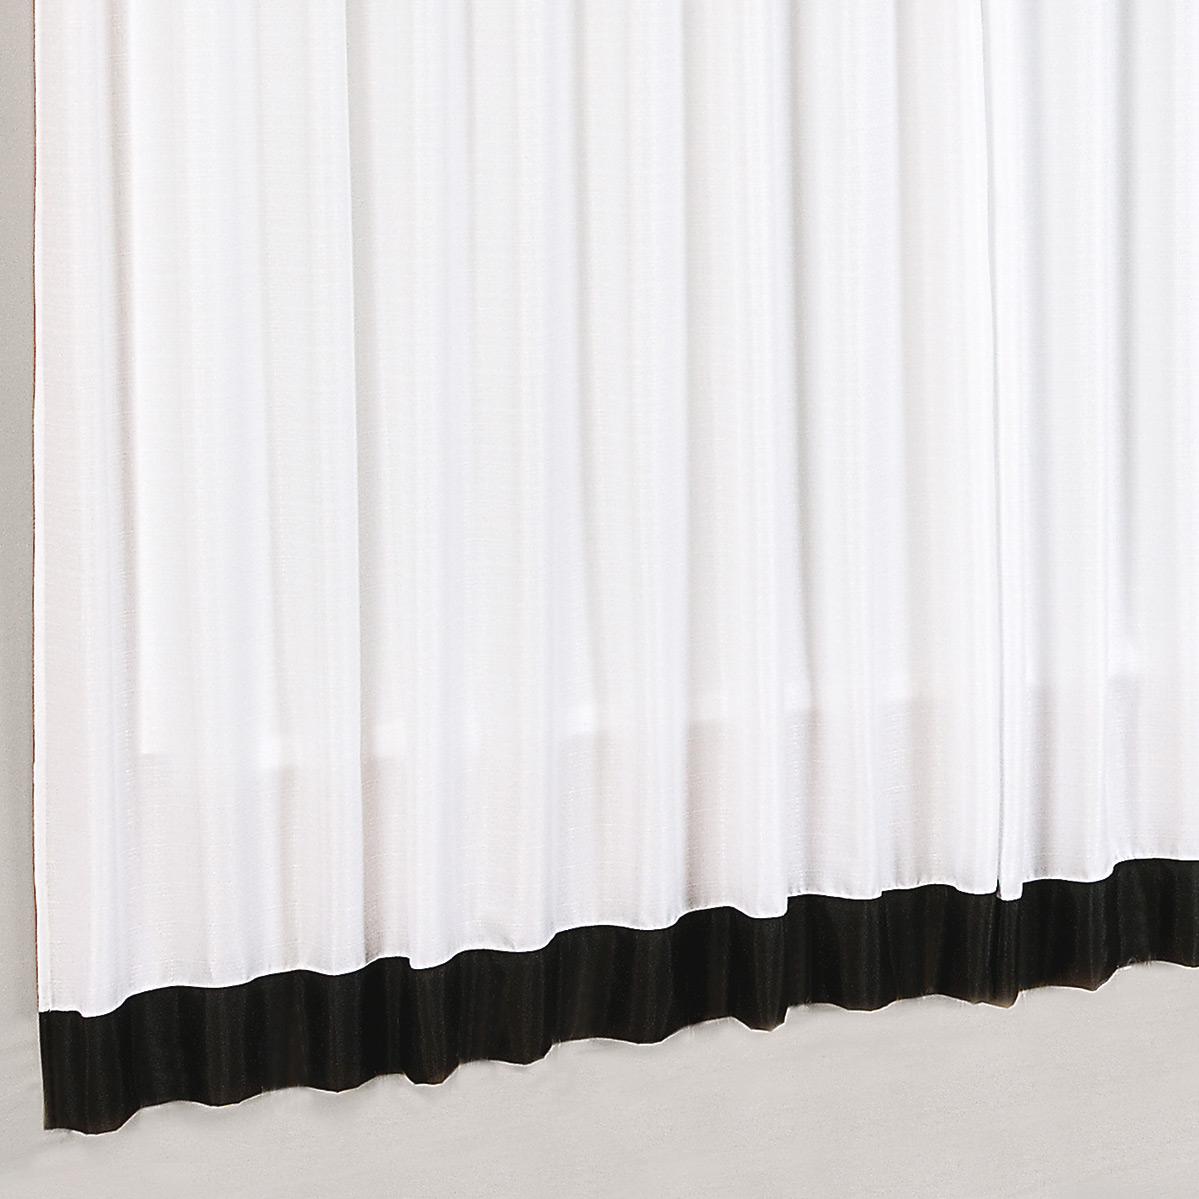 Cortina sala e quarto branco e preto tecido capri para for Cortinas de plastico para exteriores